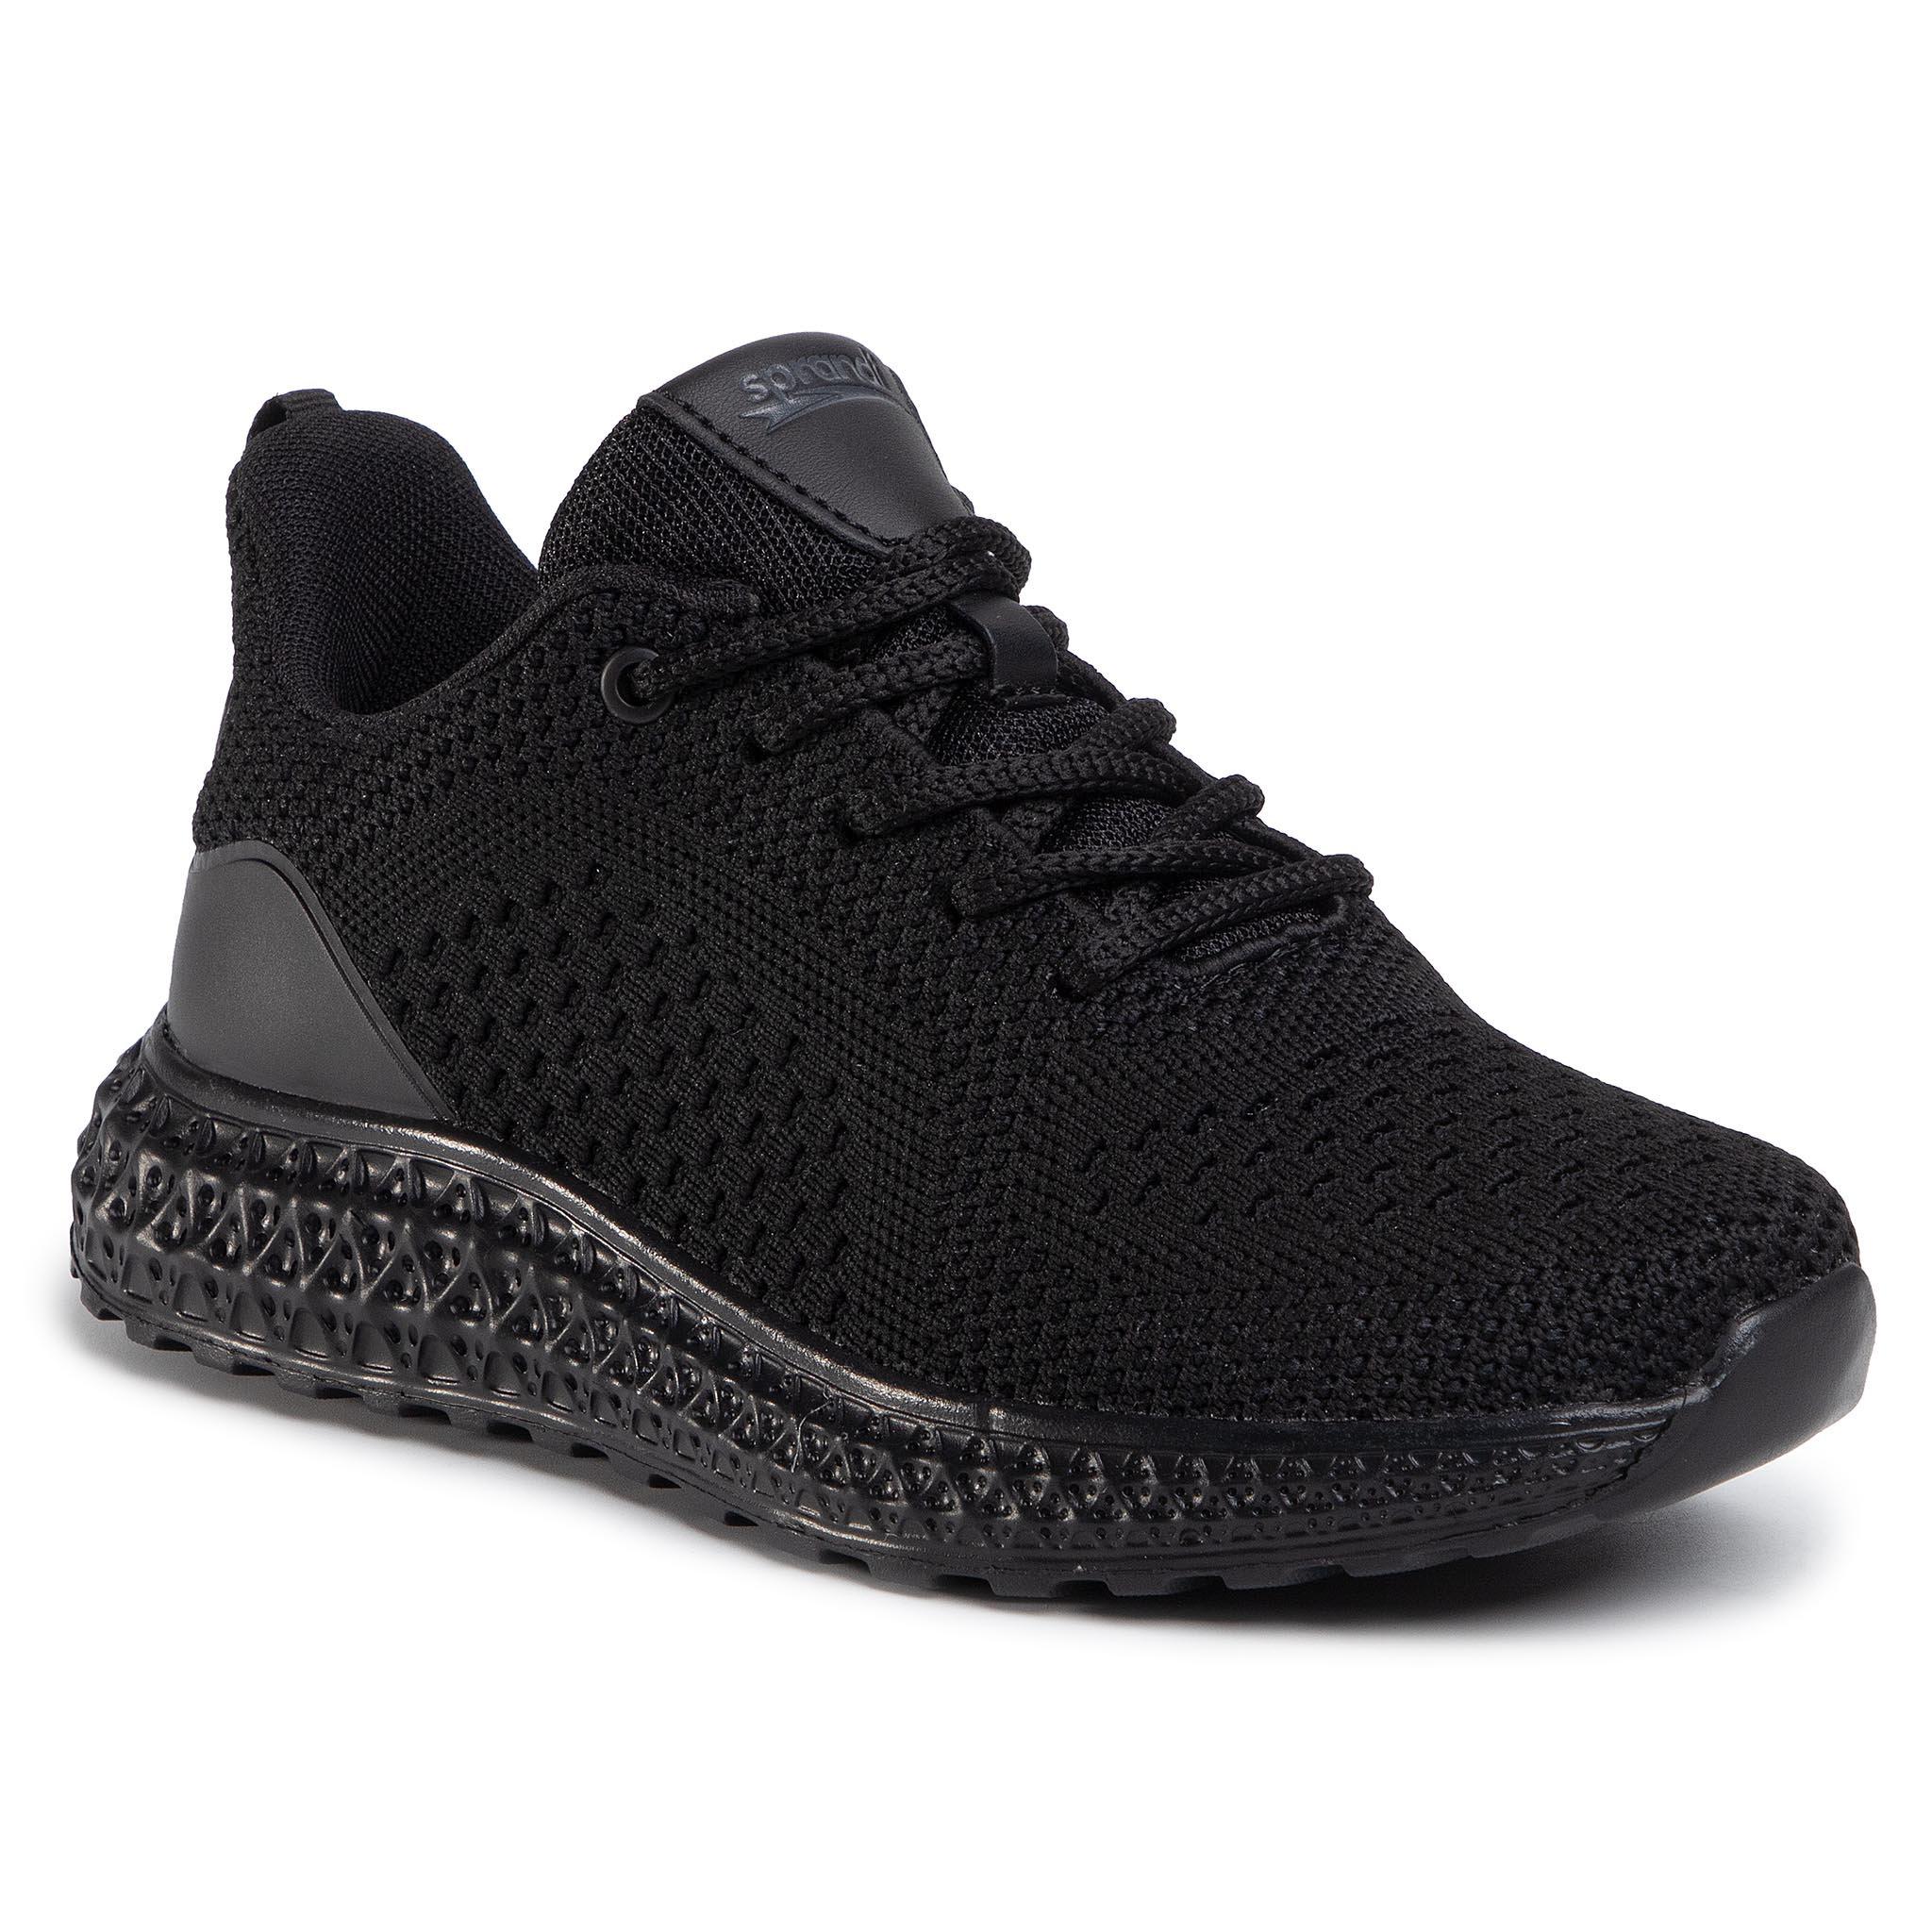 Rekreačná obuv Sprandi WP07-91277-01 ČIERNA  - ccc.eu/skCCC